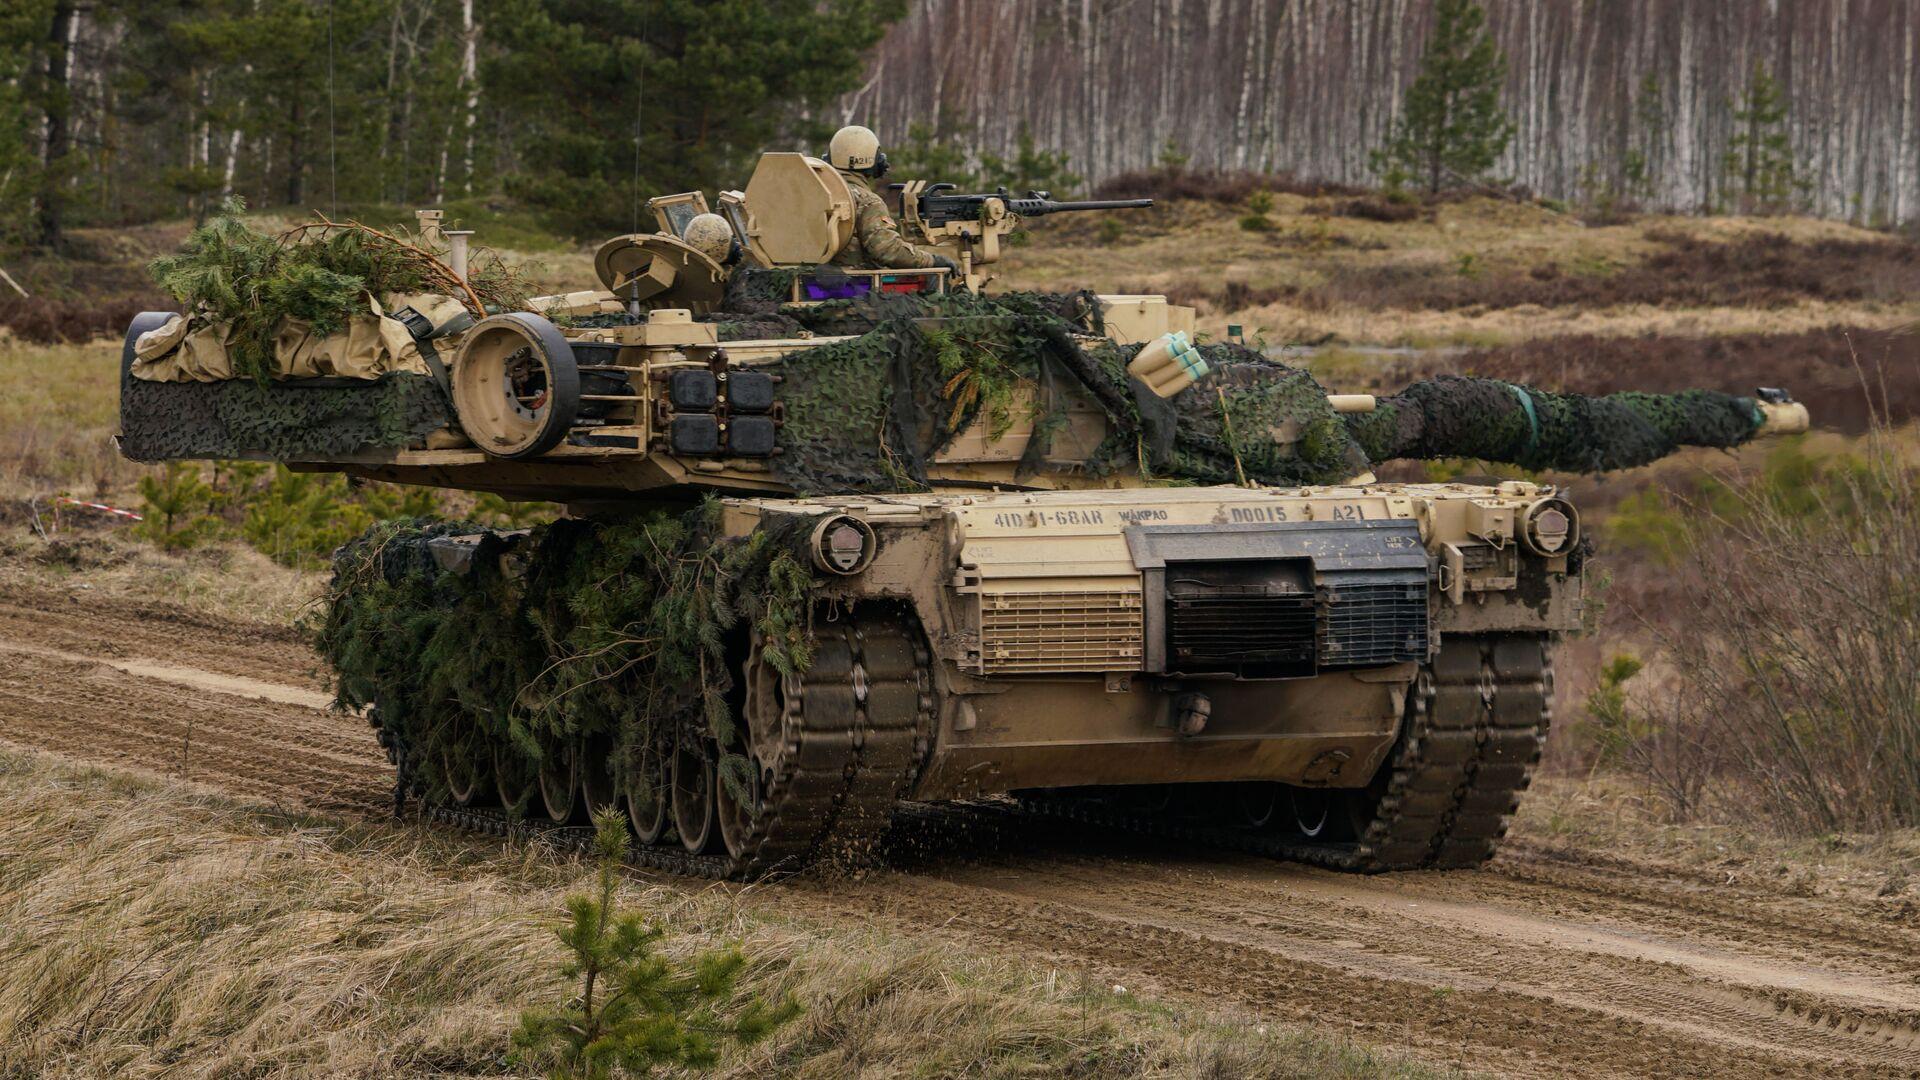 Танк M1 Abrams, архивное фото - Sputnik Беларусь, 1920, 23.09.2021